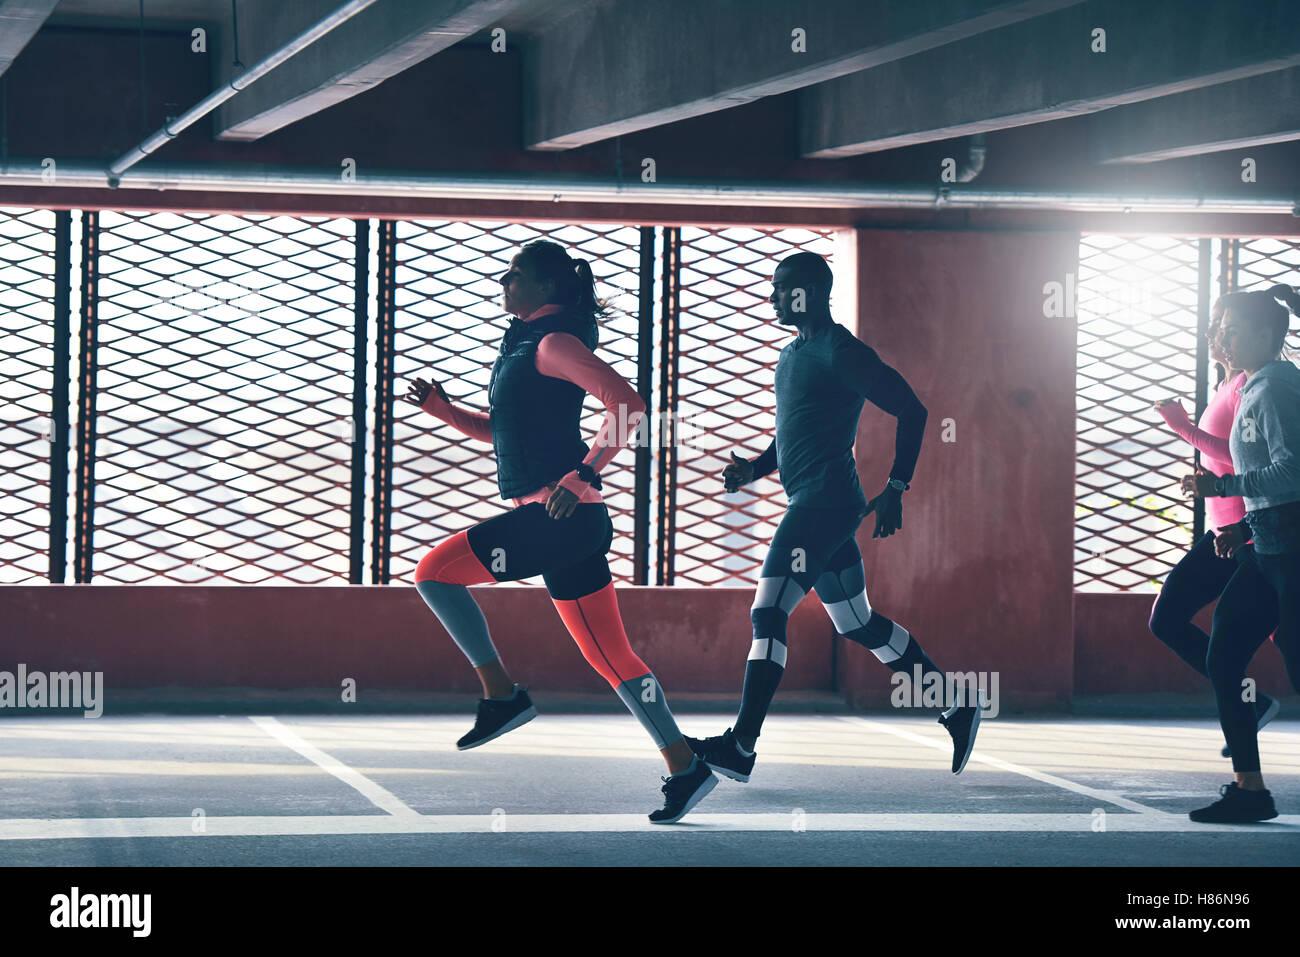 Vue de côté de jeunes athlètes exerçant en face de grandes fenêtres. Copyspace Photo Stock